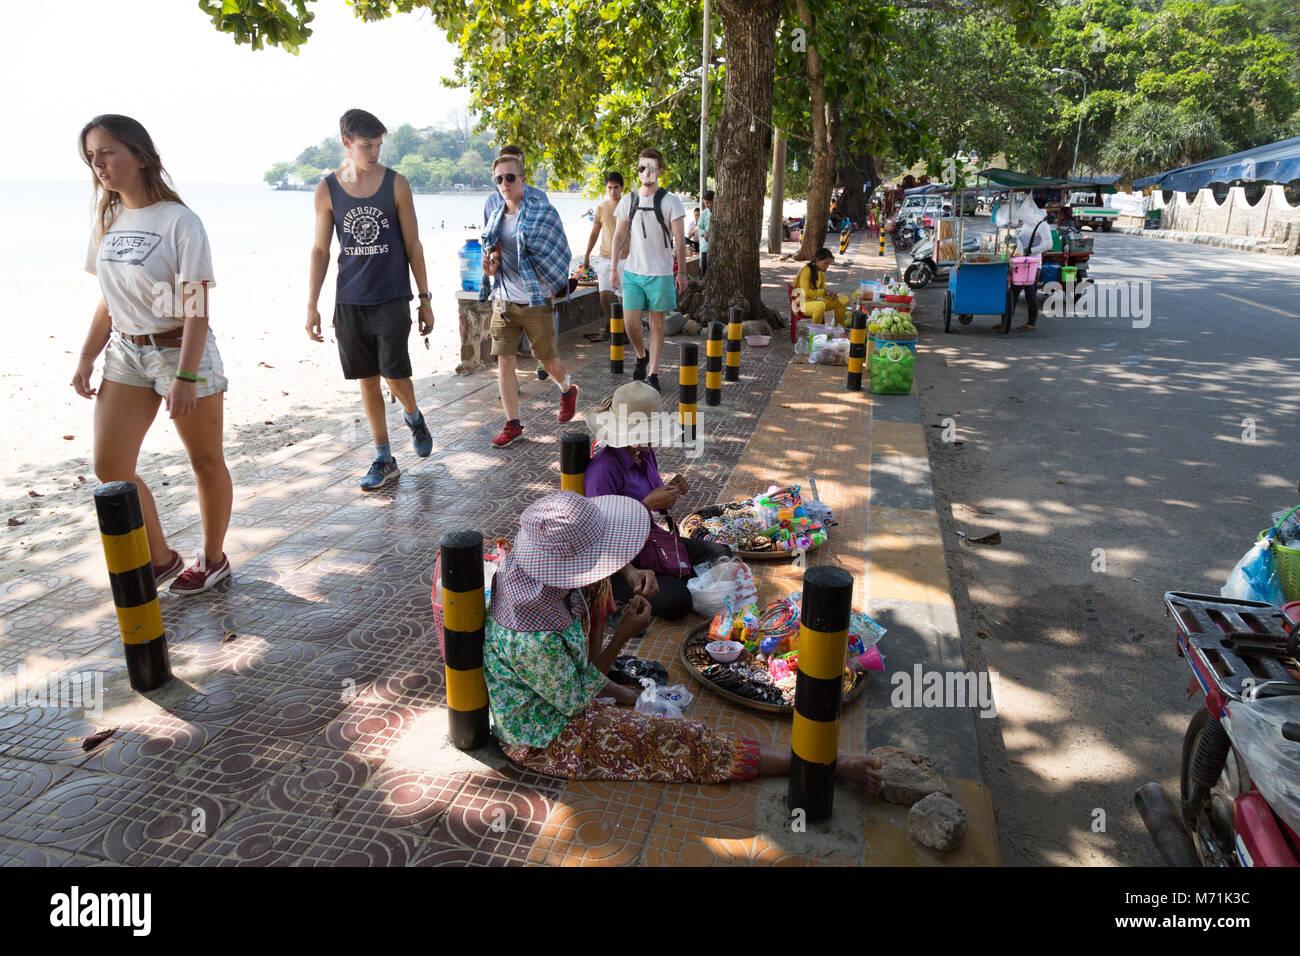 Les touristes de l'ouest en passant devant les stands, la plage de Kep, Kep, au Cambodge, en Asie du sud-est Photo Stock